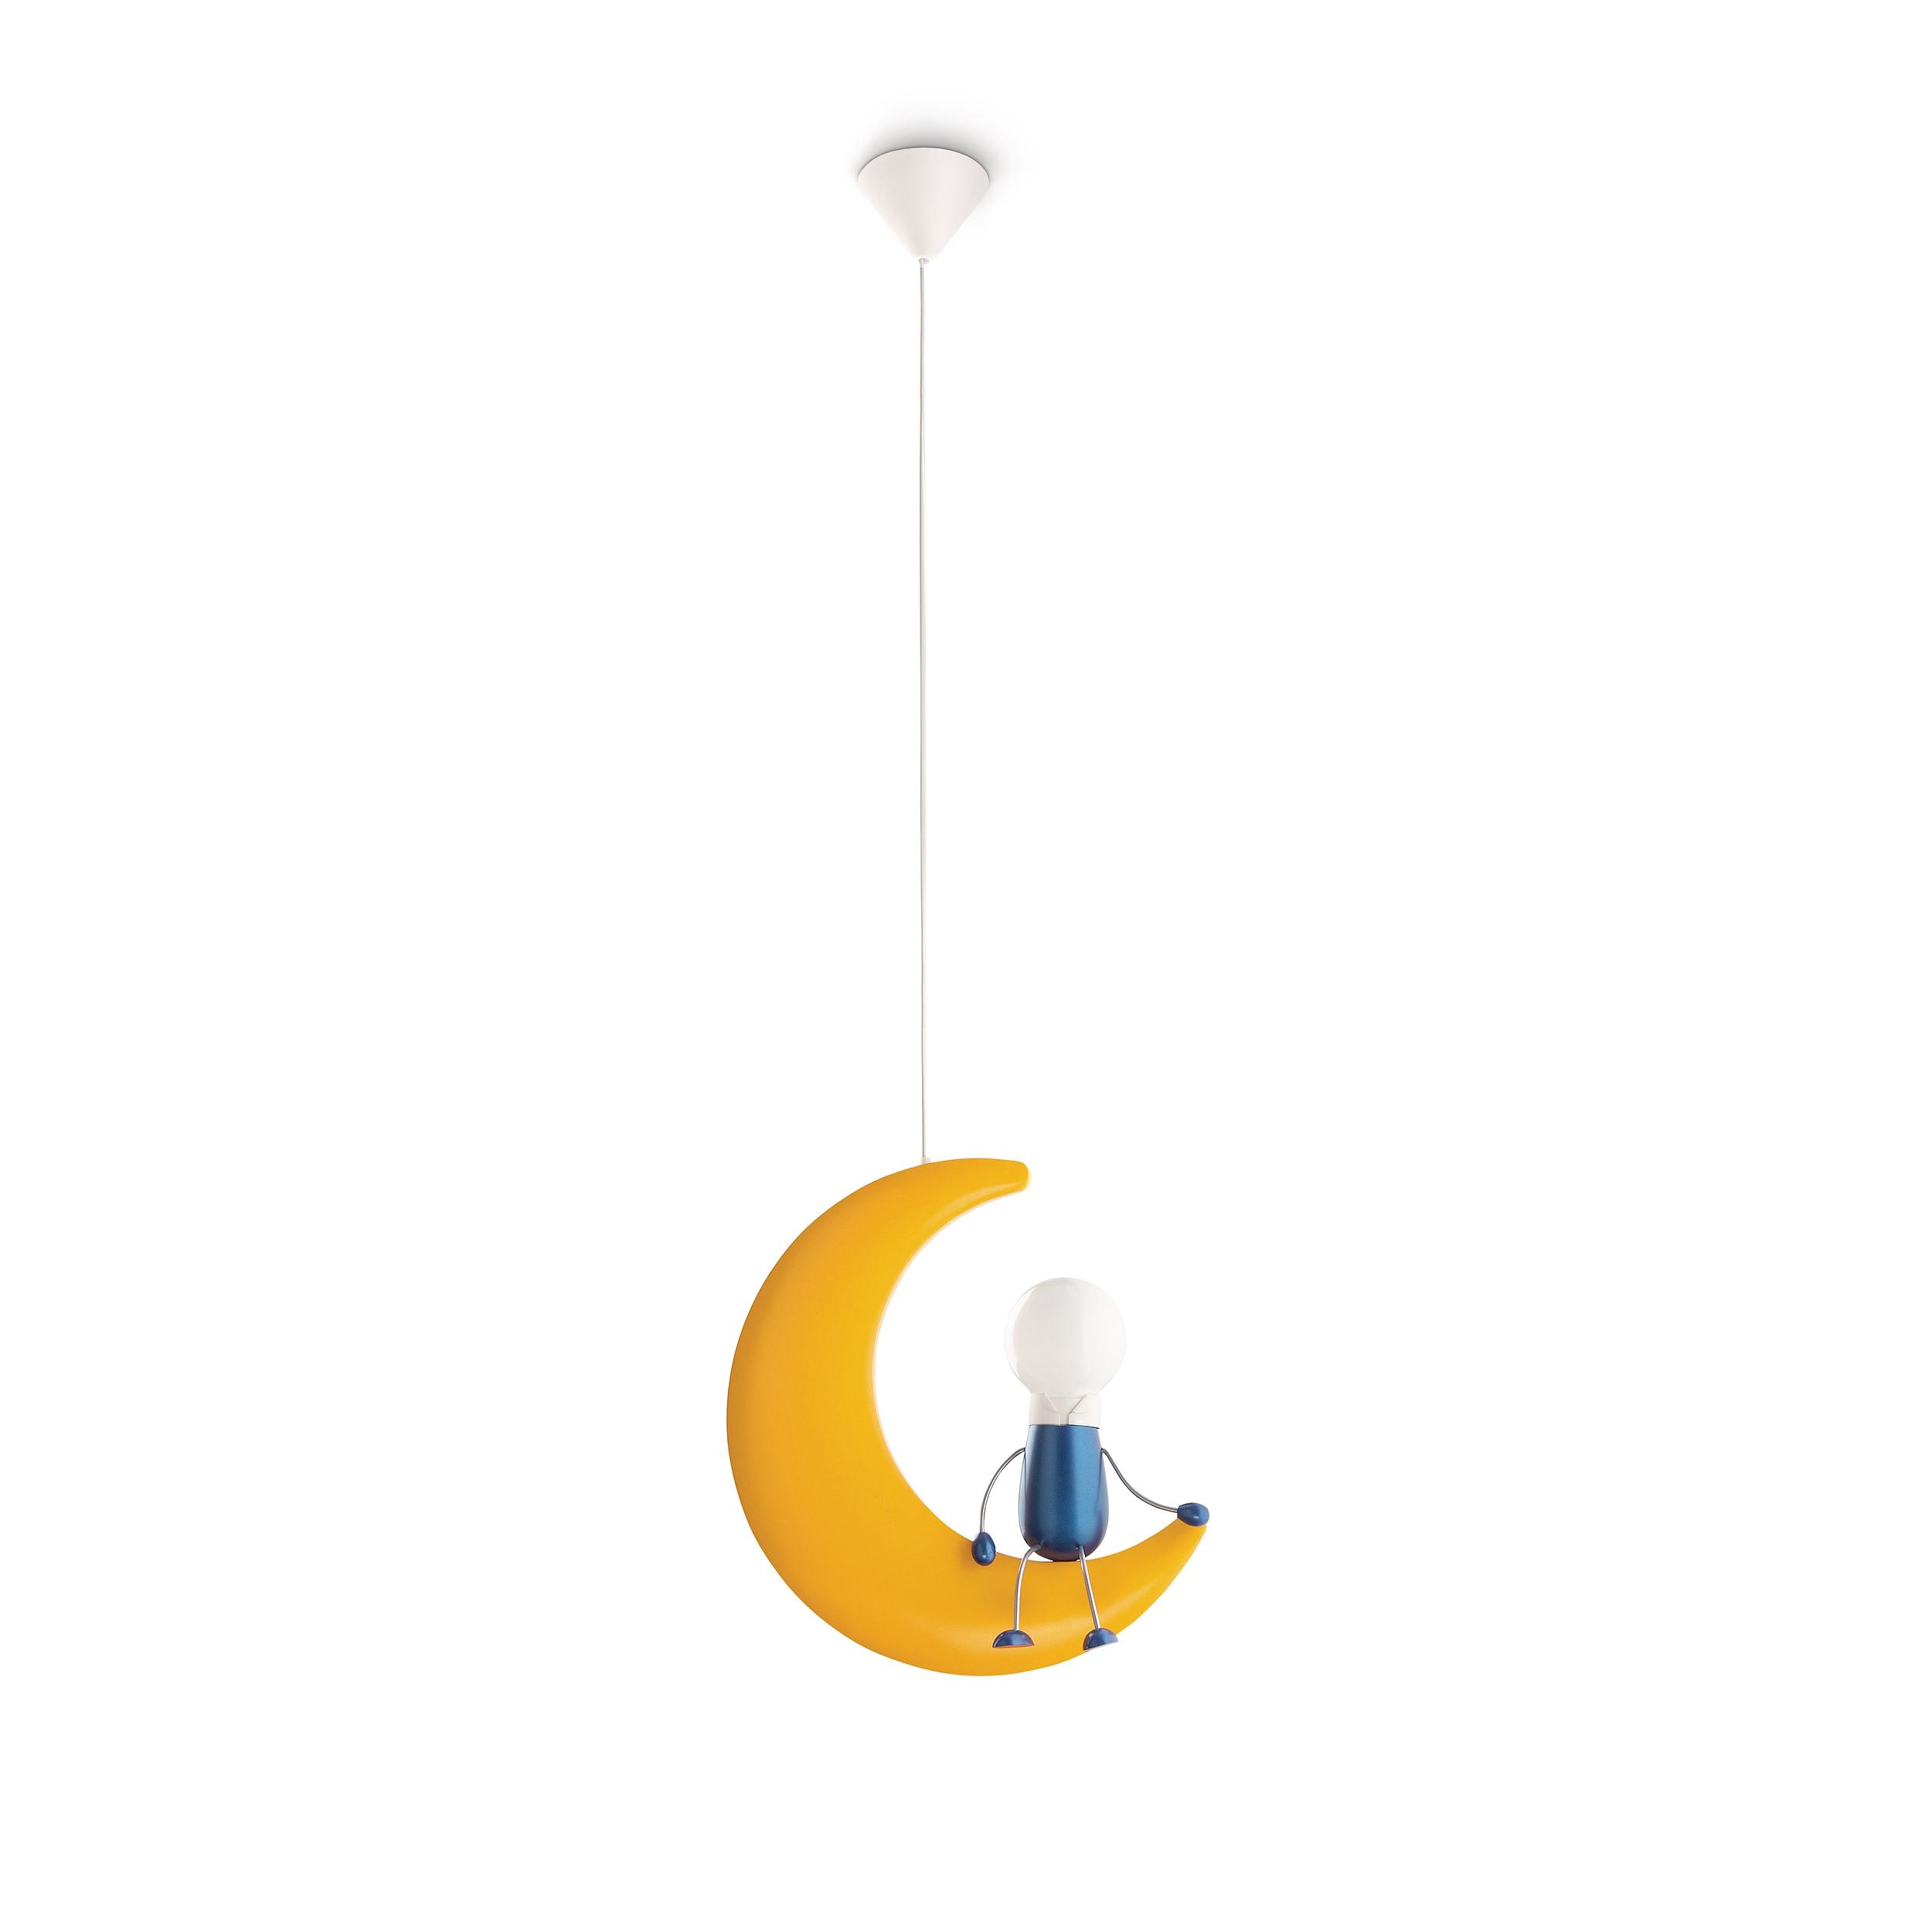 philips lampe kinderzimmer lunardo pendelleuchte warmwei es licht 2700k ebay. Black Bedroom Furniture Sets. Home Design Ideas